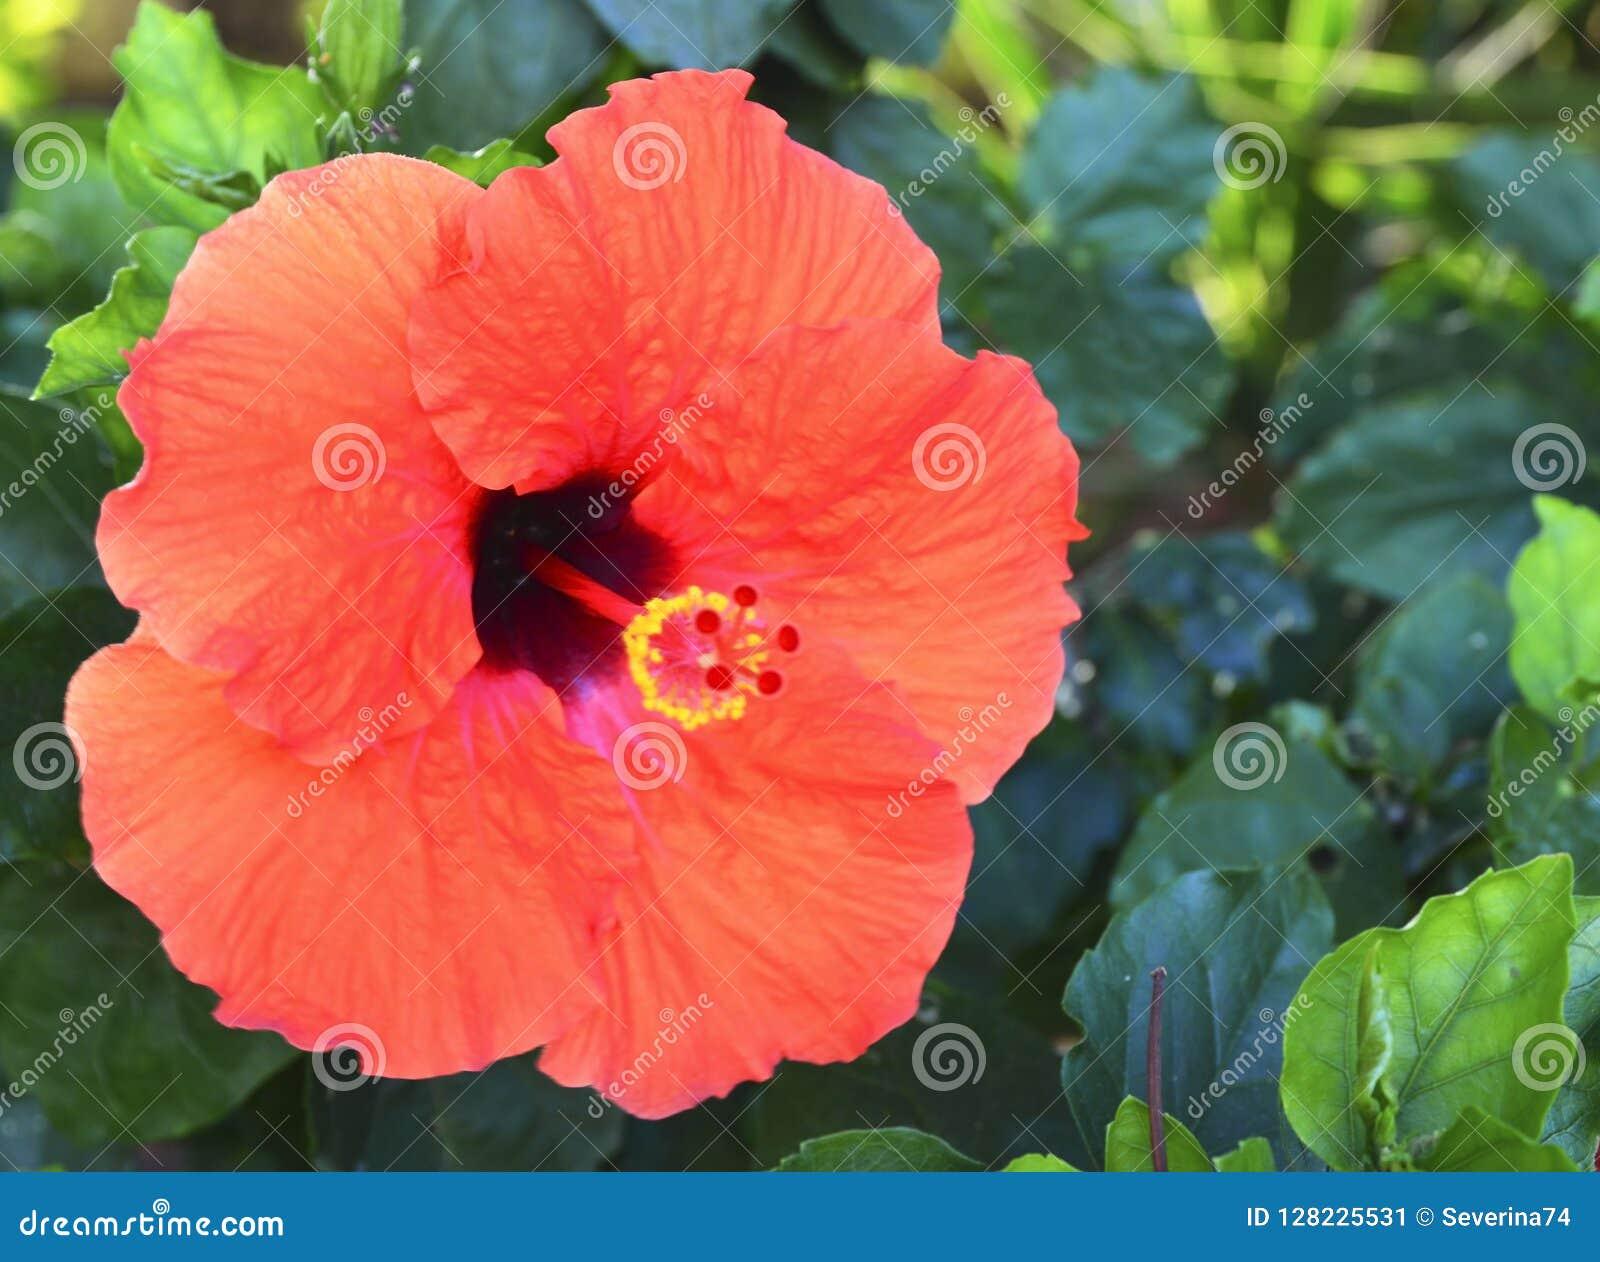 Красивые красные цветки Китай гибискуса подняли, Gudhal, Chaba, цветок ботинка в саде Тенерифе, Канарских островов, Испании